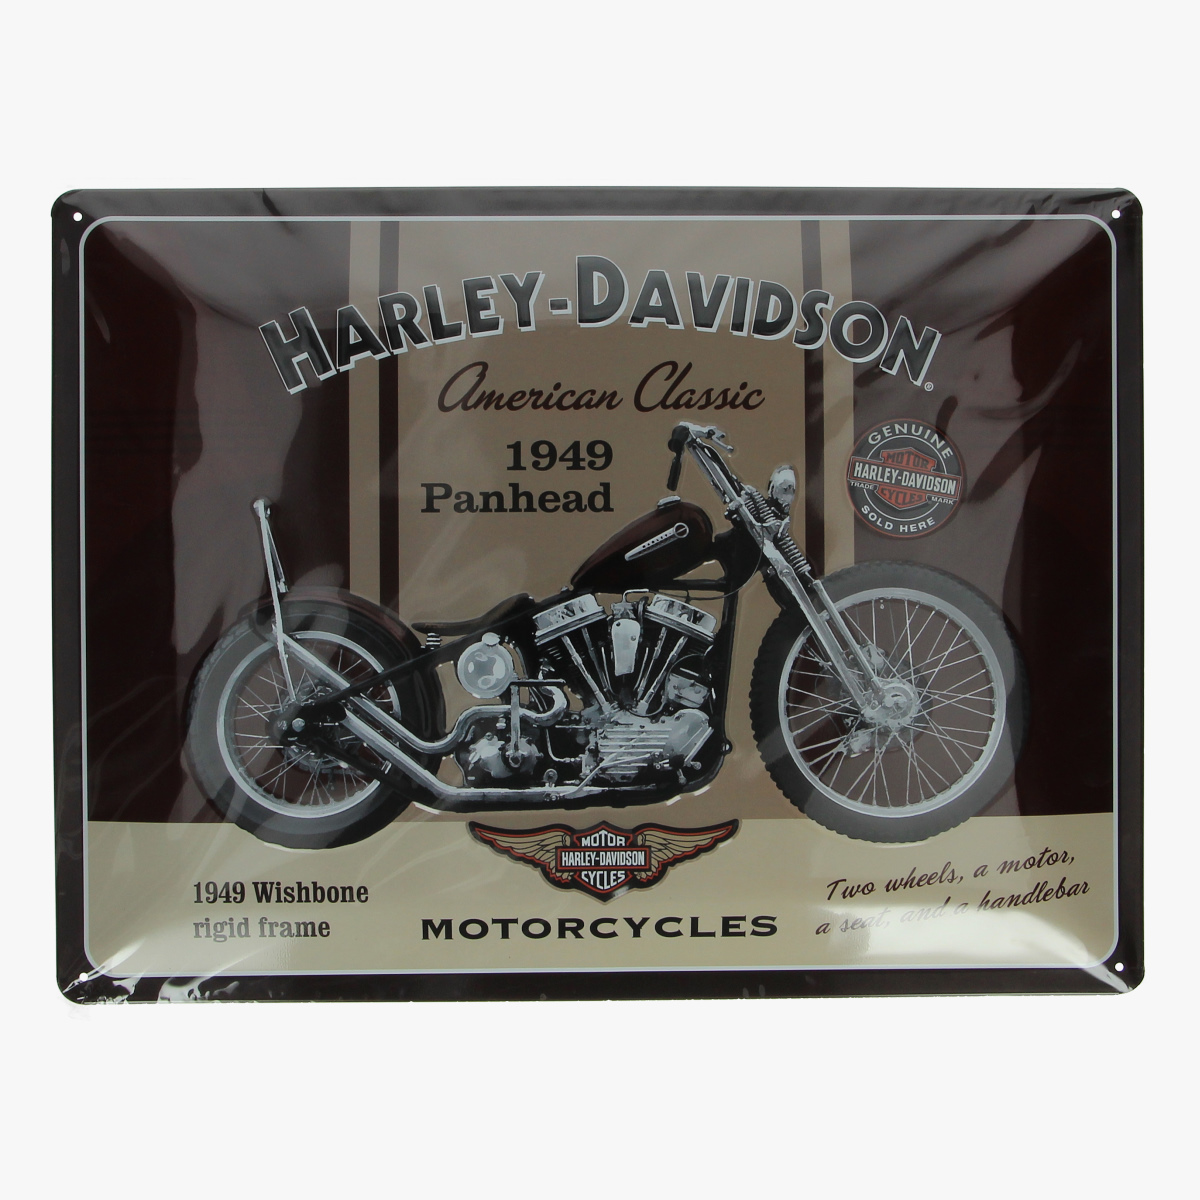 Afbeeldingen van blikken bord Harley-Davidson repro geseald